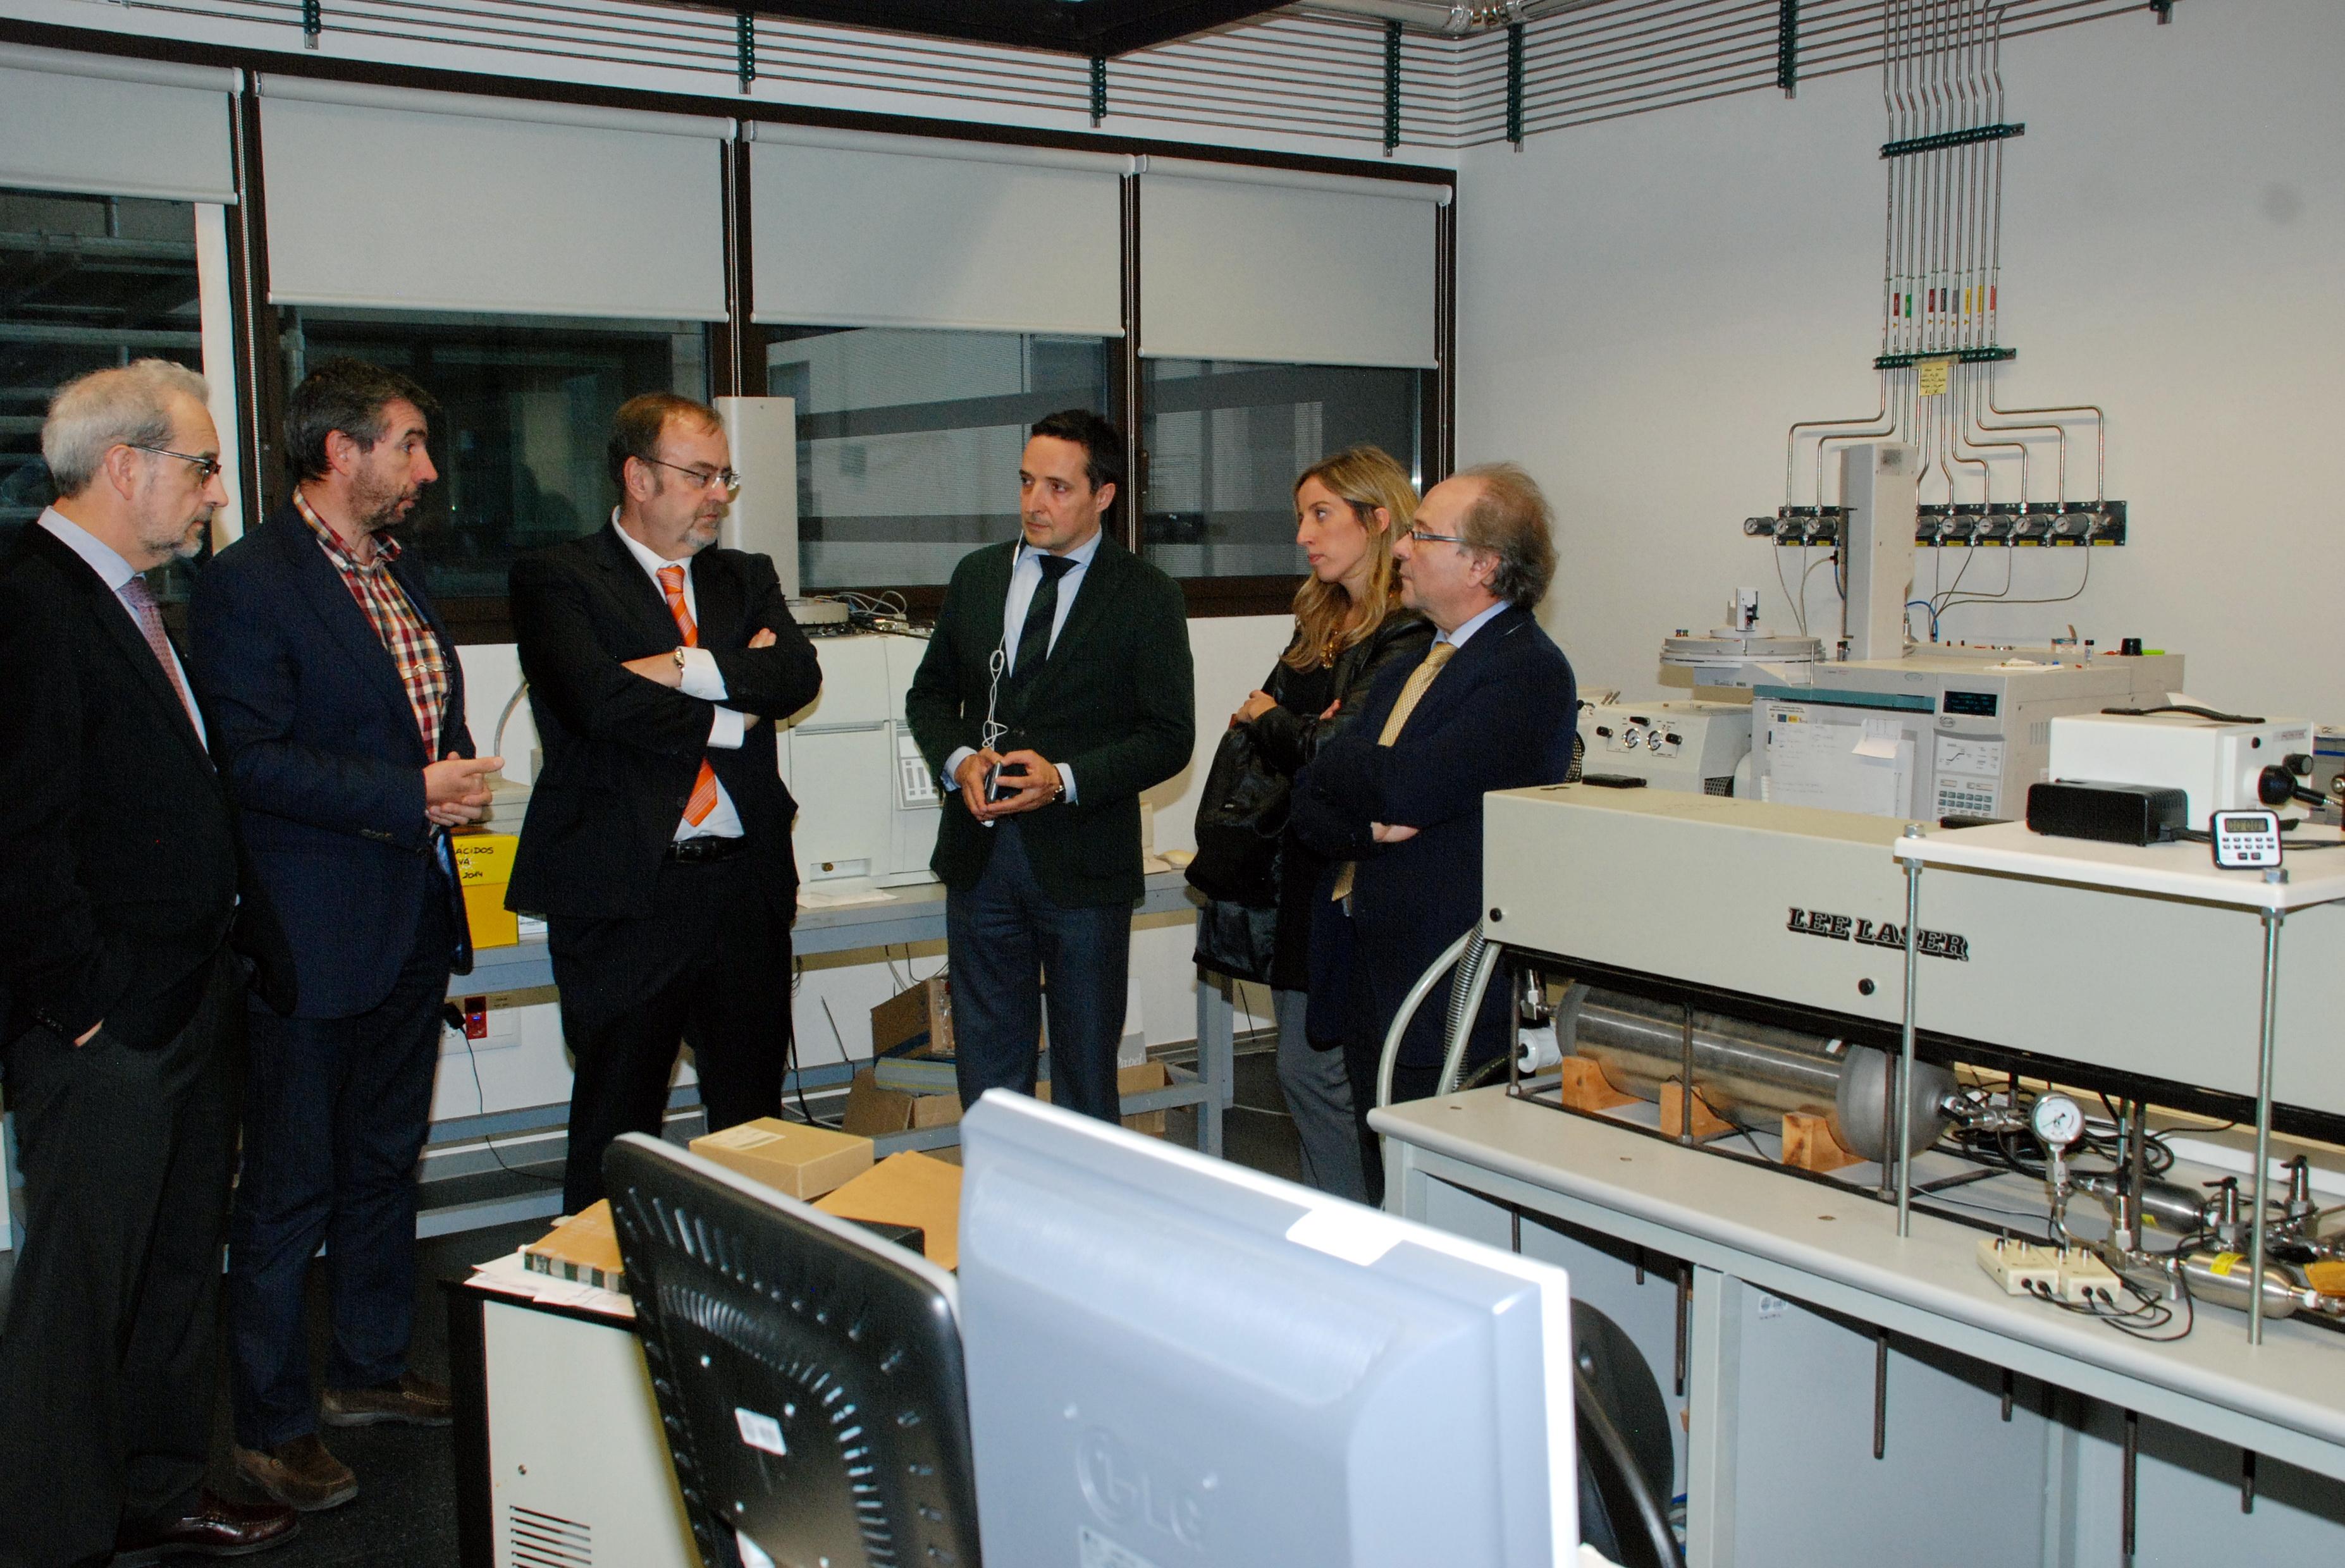 El rector y el consejero Educación visitan el Edificio I+D+i de la Universidad de Salamanca